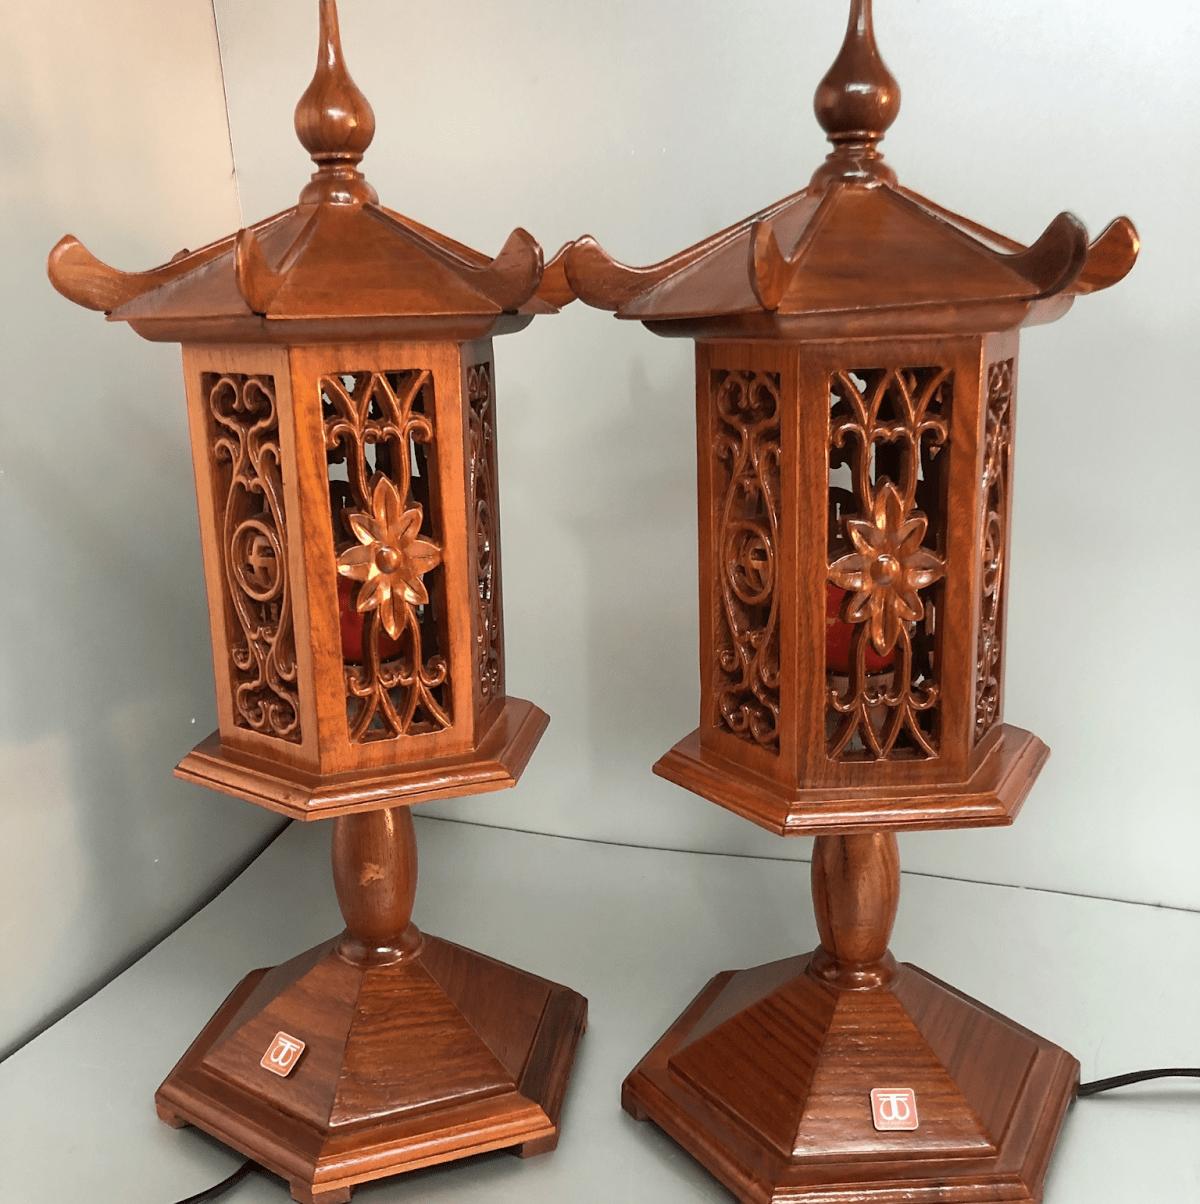 Đèn thờ bằng gỗ mang ý nghĩa quan trọng trong cuộc sống